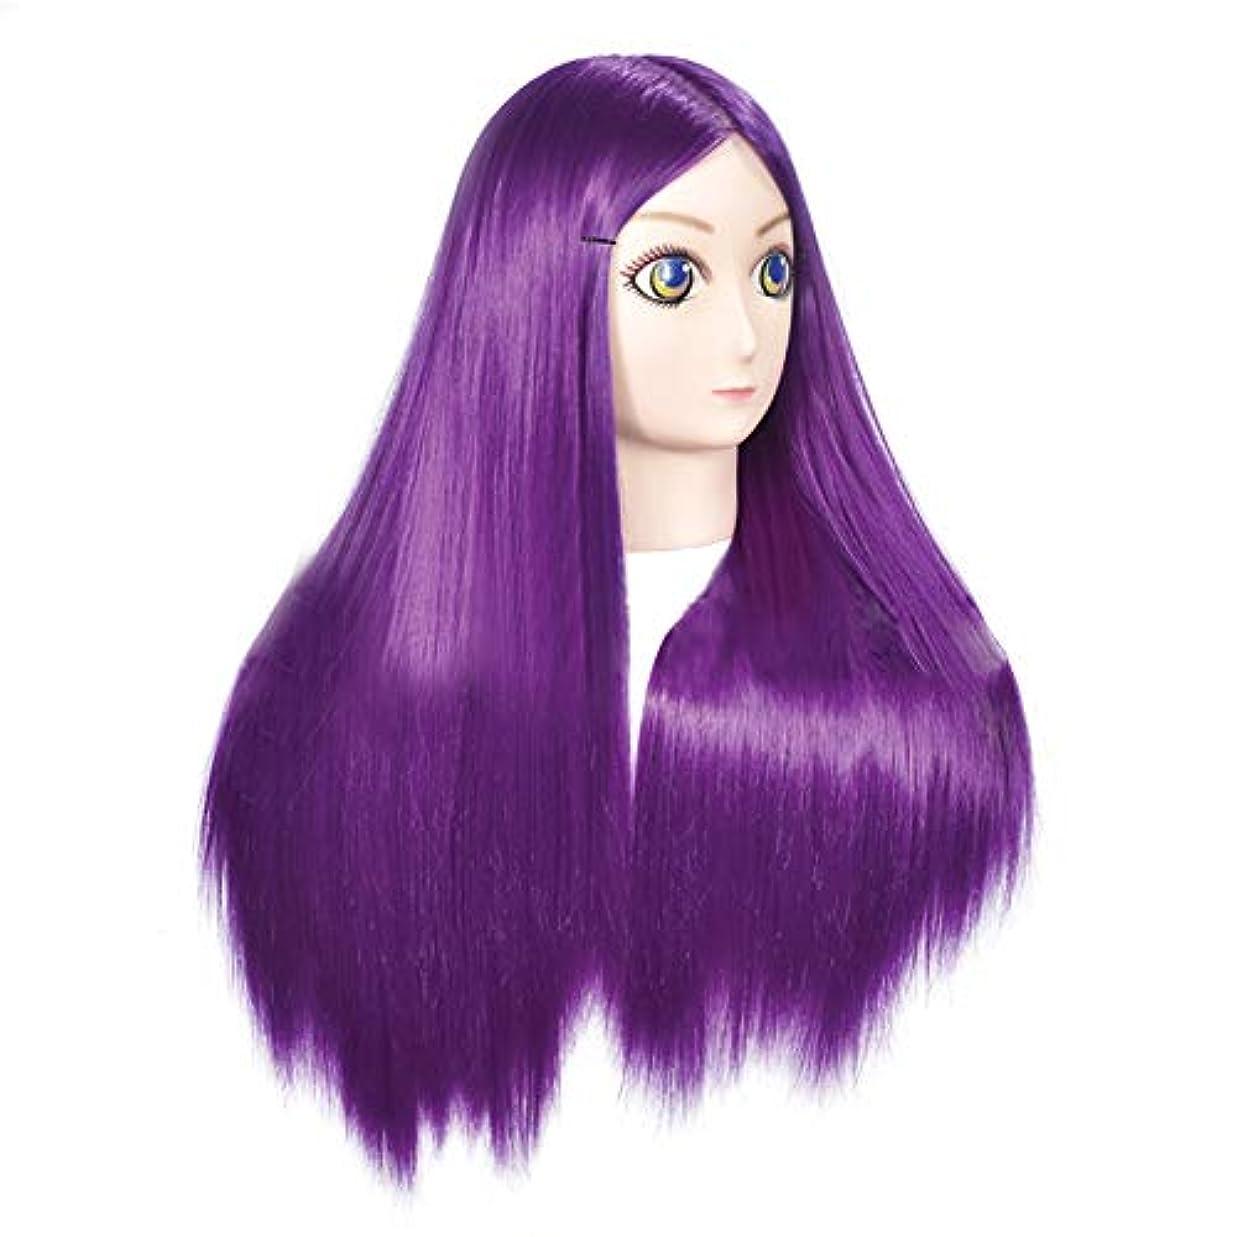 温度計くま道路を作るプロセス高温シルクヘアスタイリングモデルヘッド女性モデルヘッドティーチングヘッド理髪店編組髪染め学習ダミーヘッド